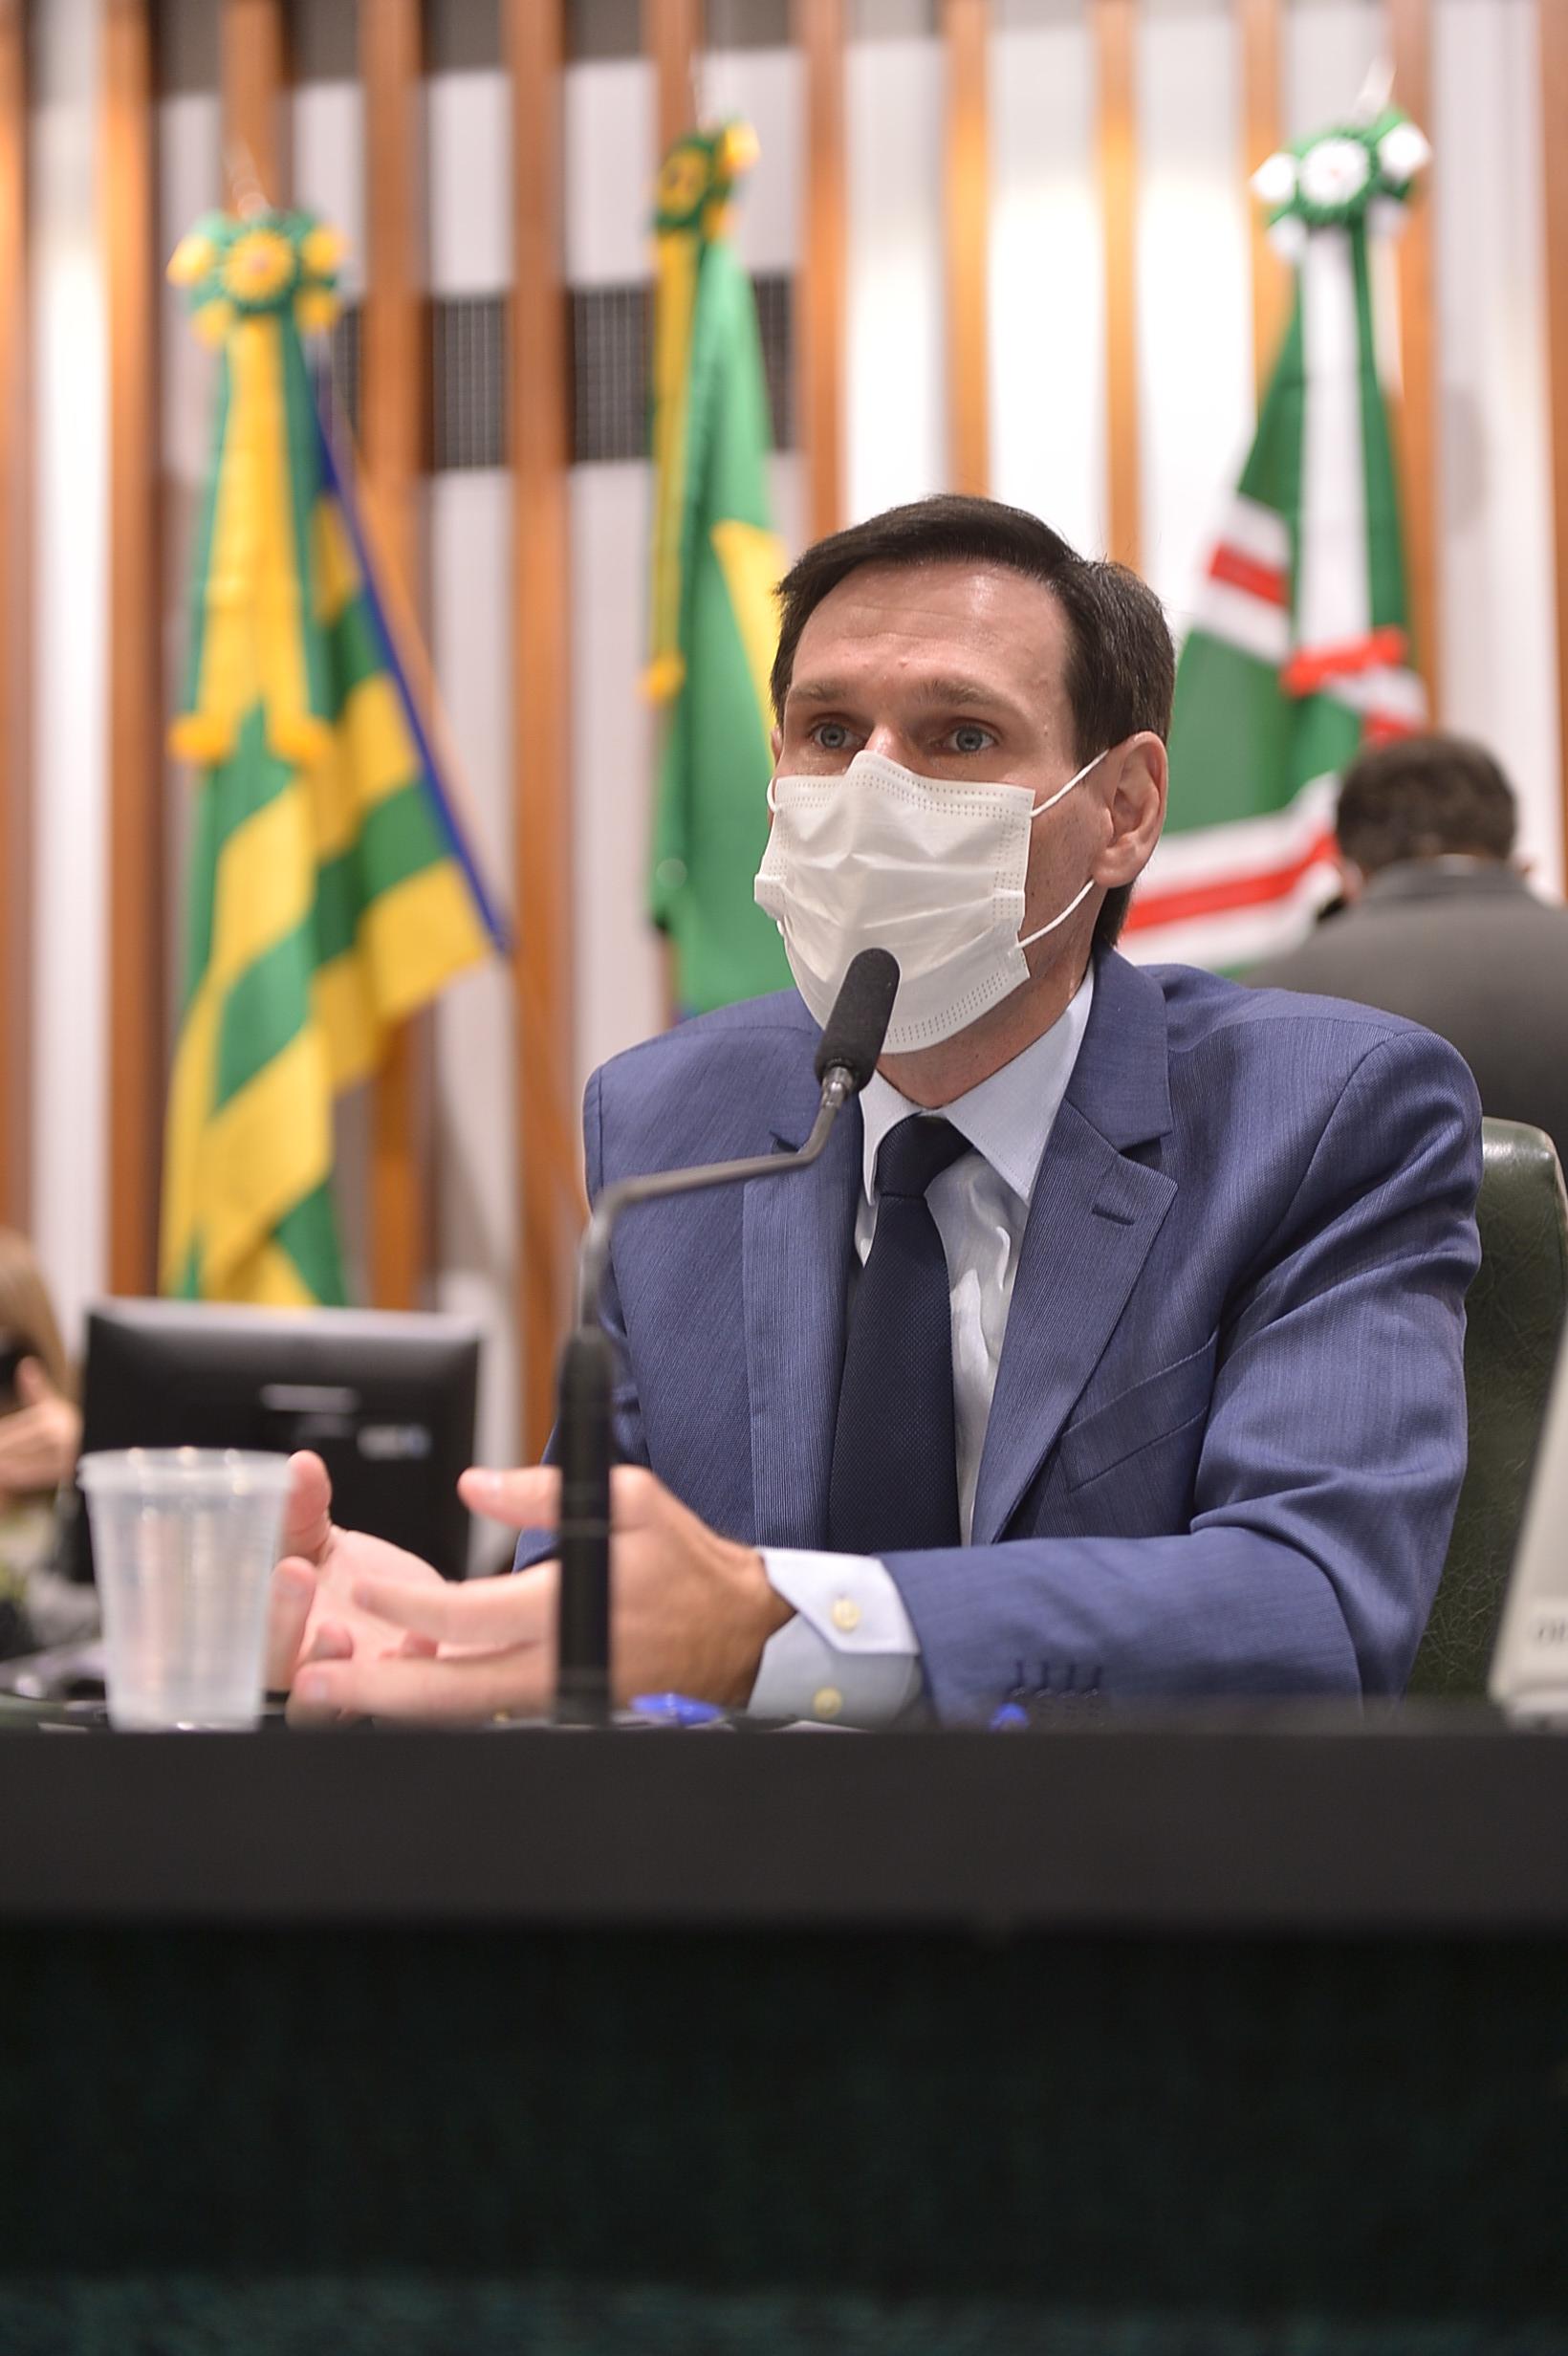 Presidente da Assembléia Legislativa do Estado de Goiás, deputado estadual Lissauver Vieira (Foto: Sérgio Rocha)